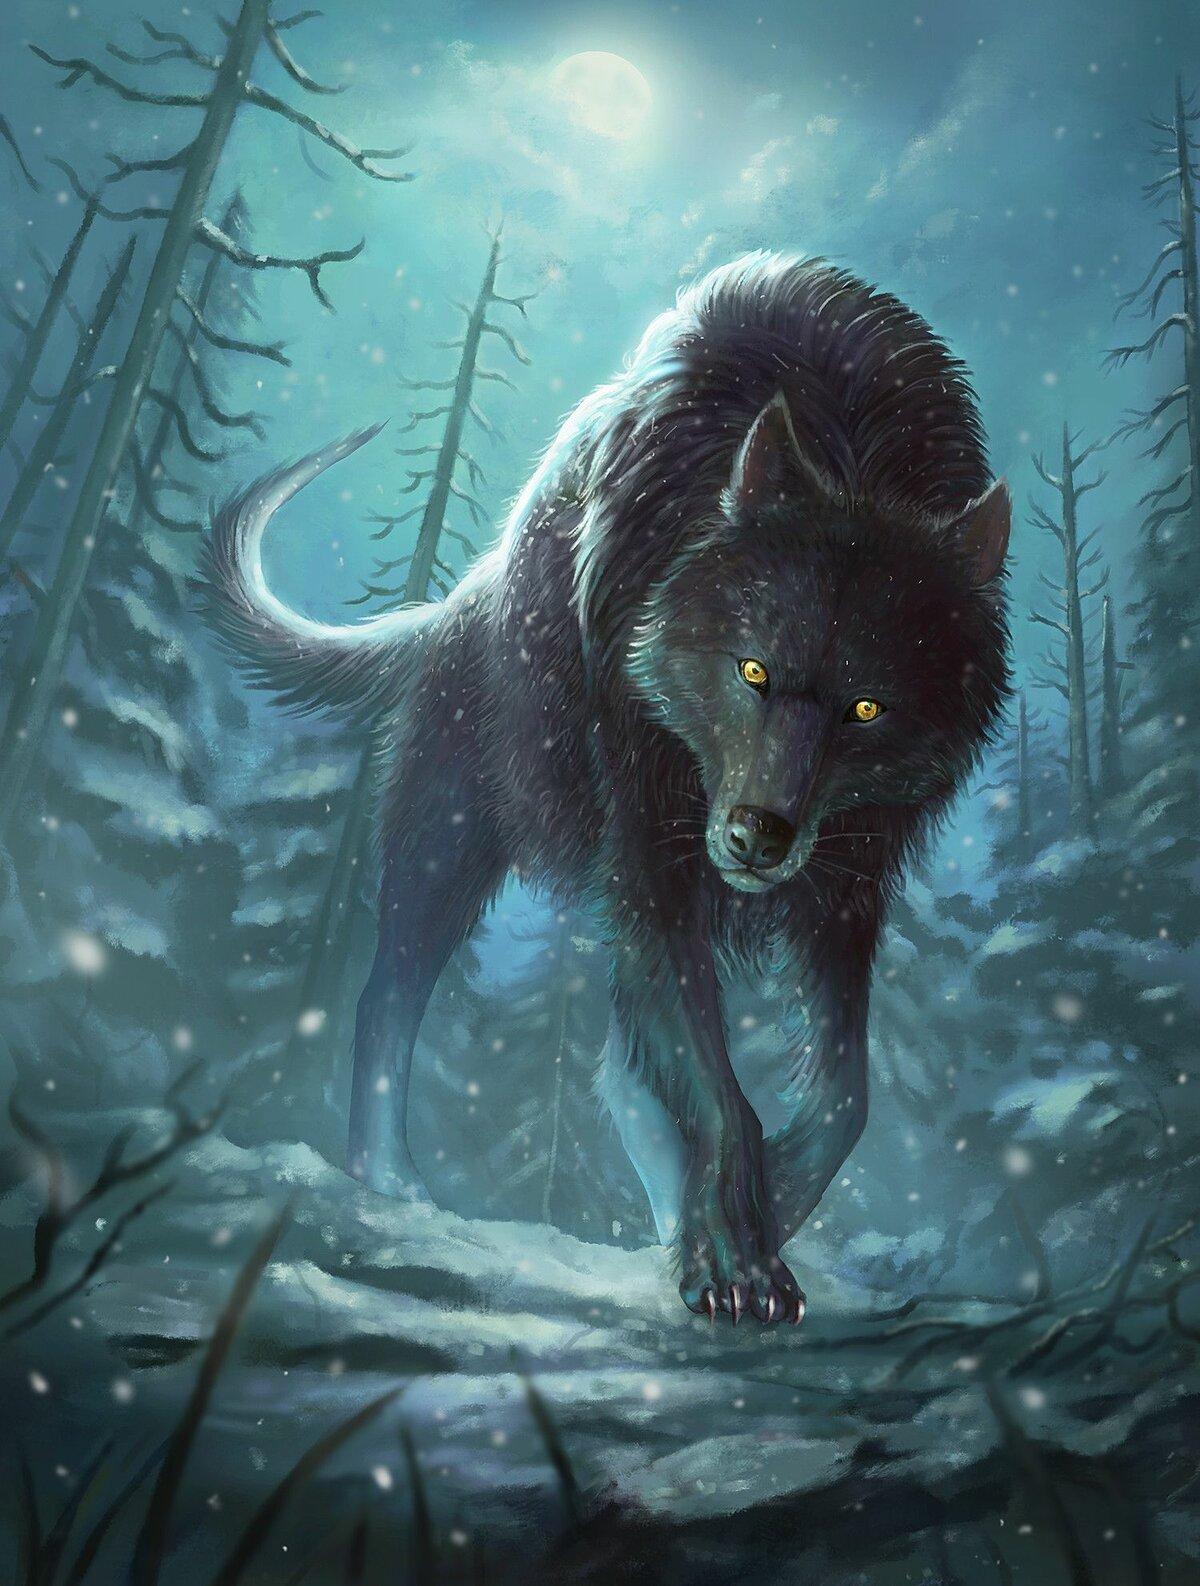 Мистические картинки волков